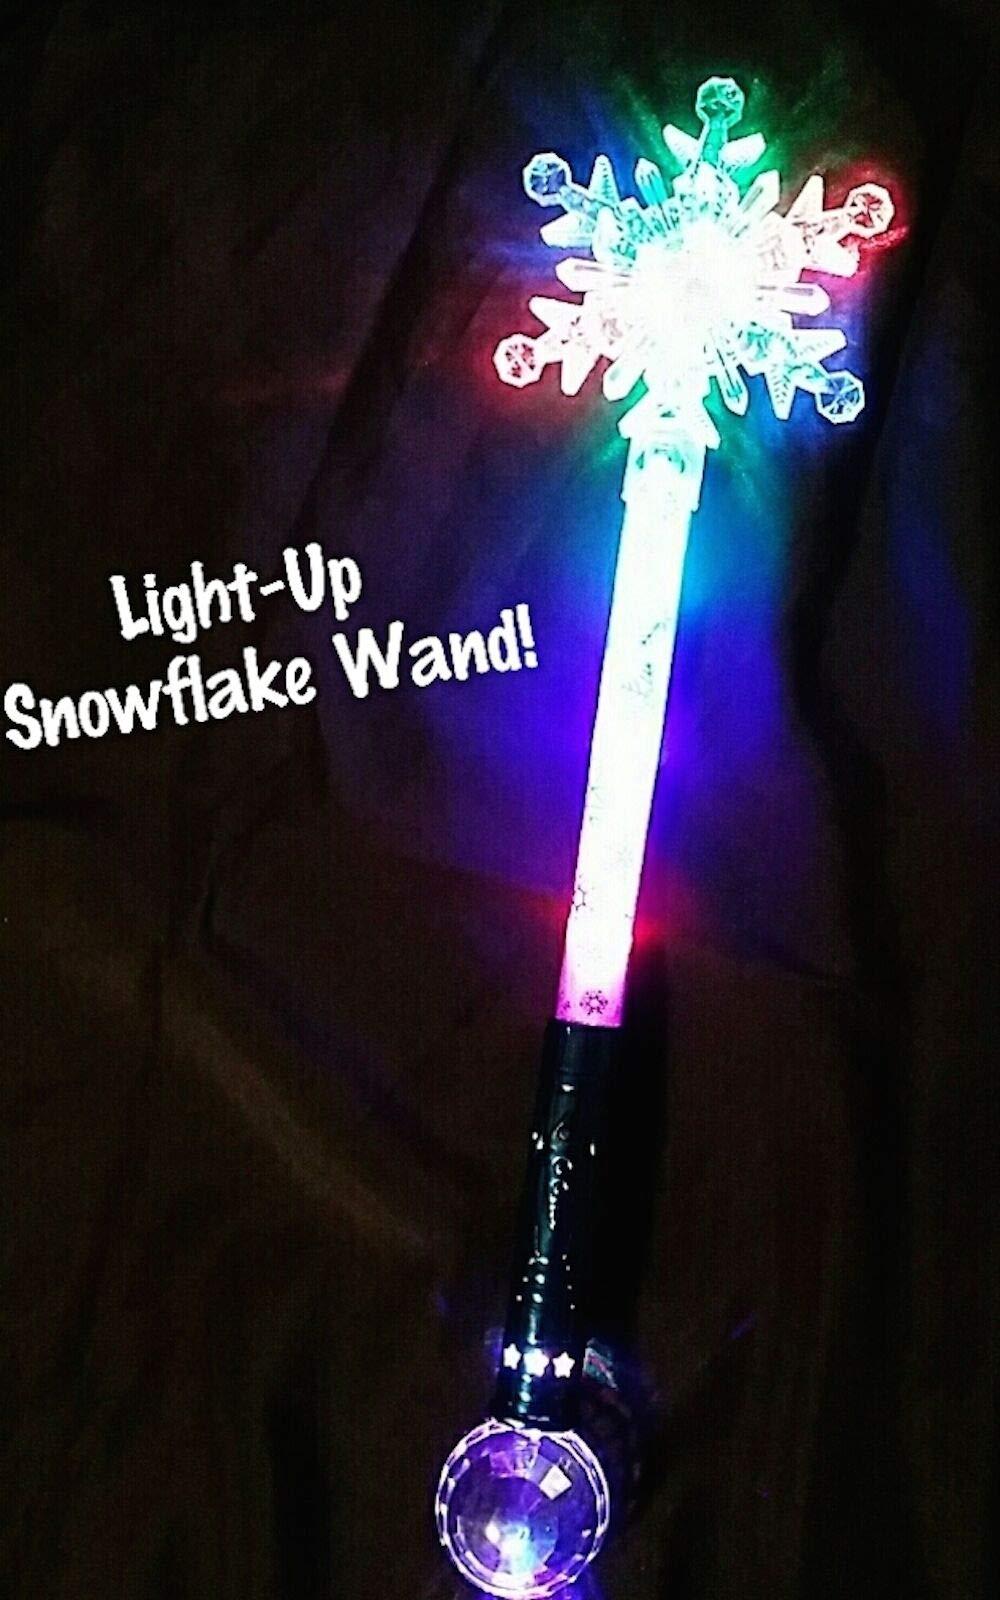 Lonestar Wholesalers 21'' LED Light Up Flashing Snow Queen's Flake Wand by Lonestar Wholesalers